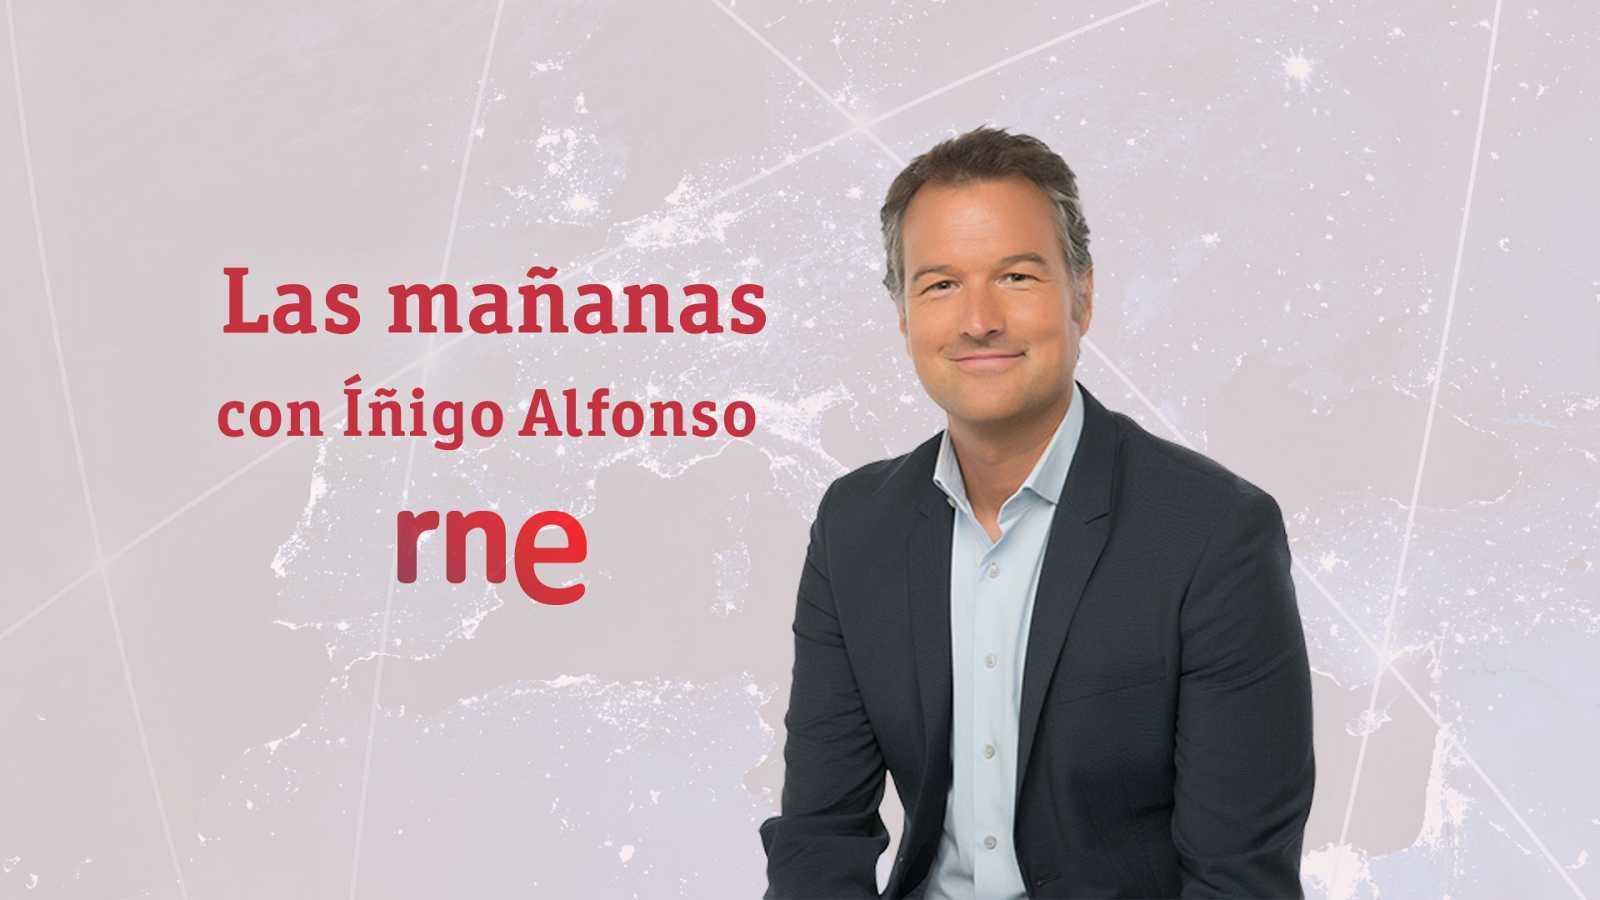 Las mañanas de RNE con Íñigo Alfonso - Segunda hora - 27/03/20 - escuchar ahora